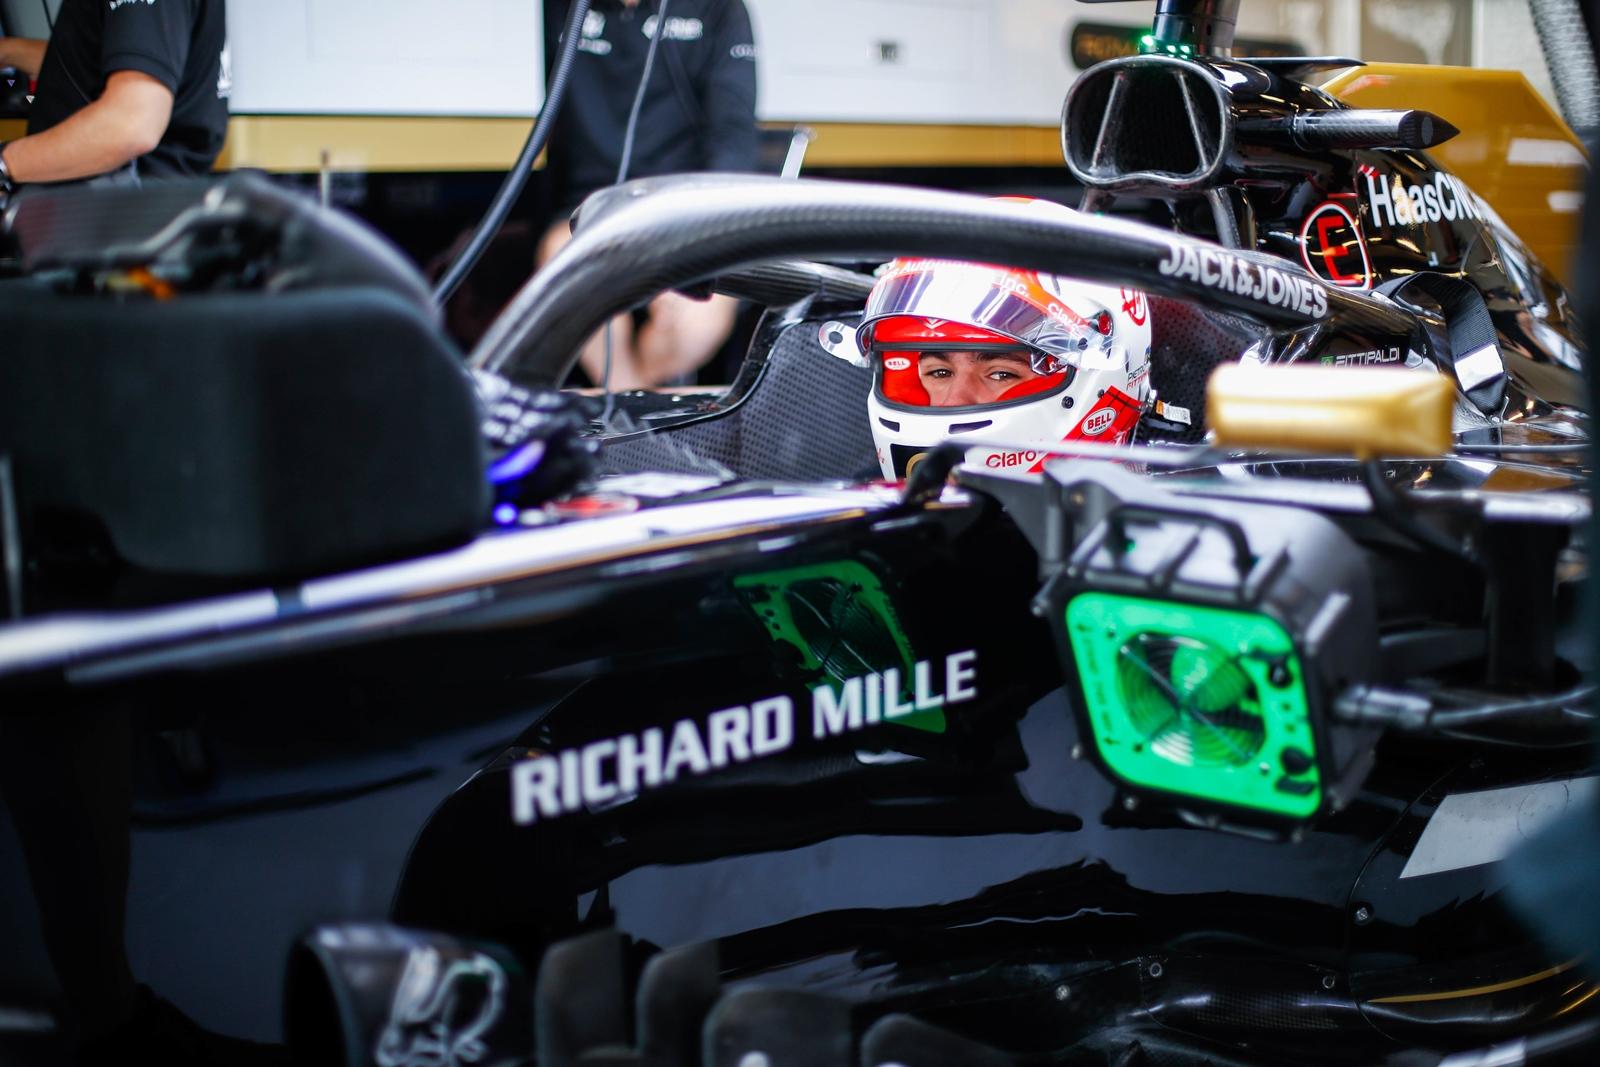 Photo of F1 – Pietro Fittipaldi completa 135 voltas e 750 km em teste com a Haas em Abu Dhabi